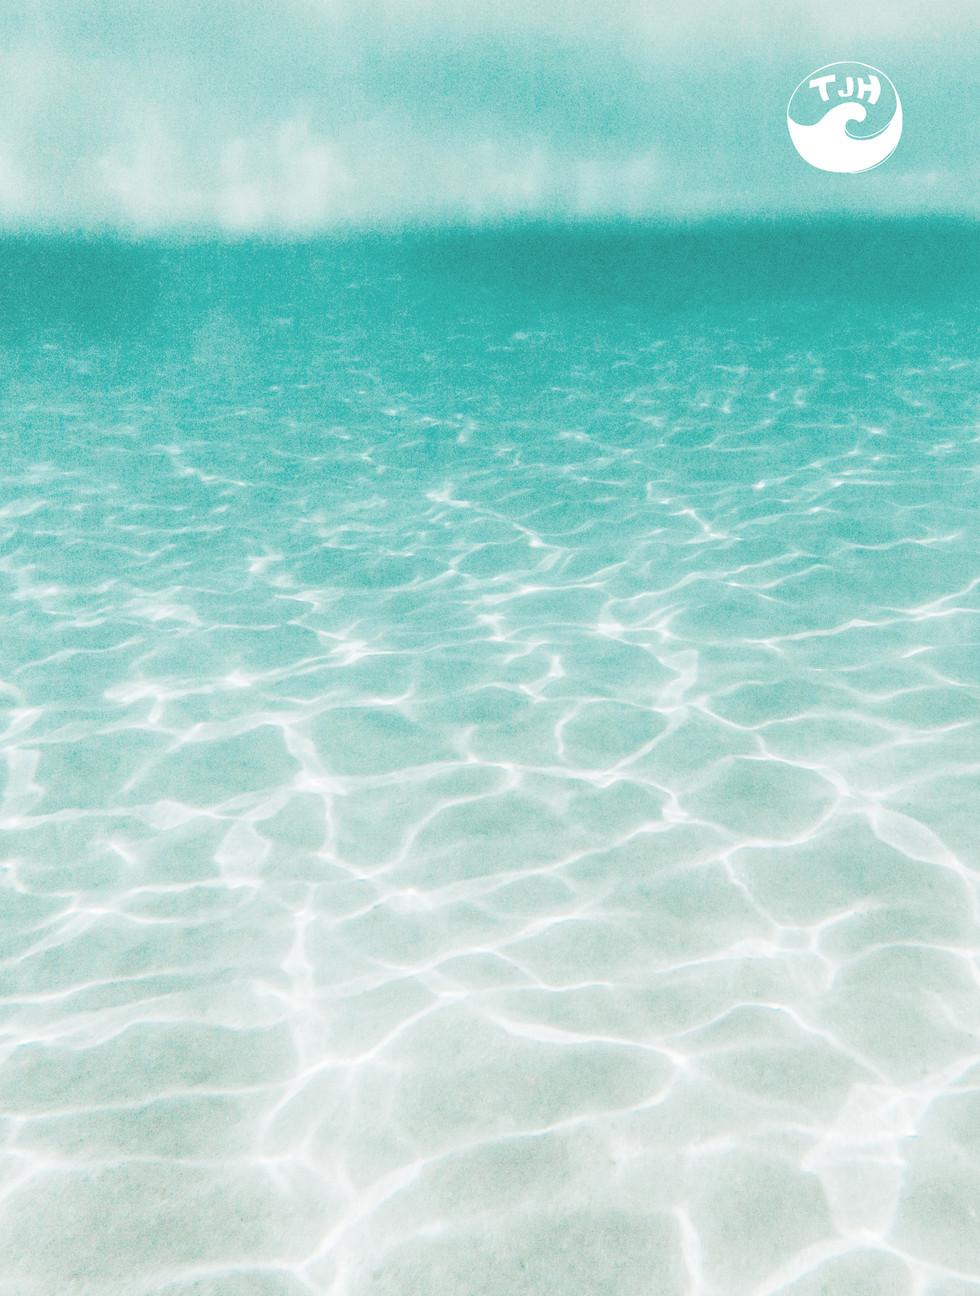 under water light ripples logo.jpg